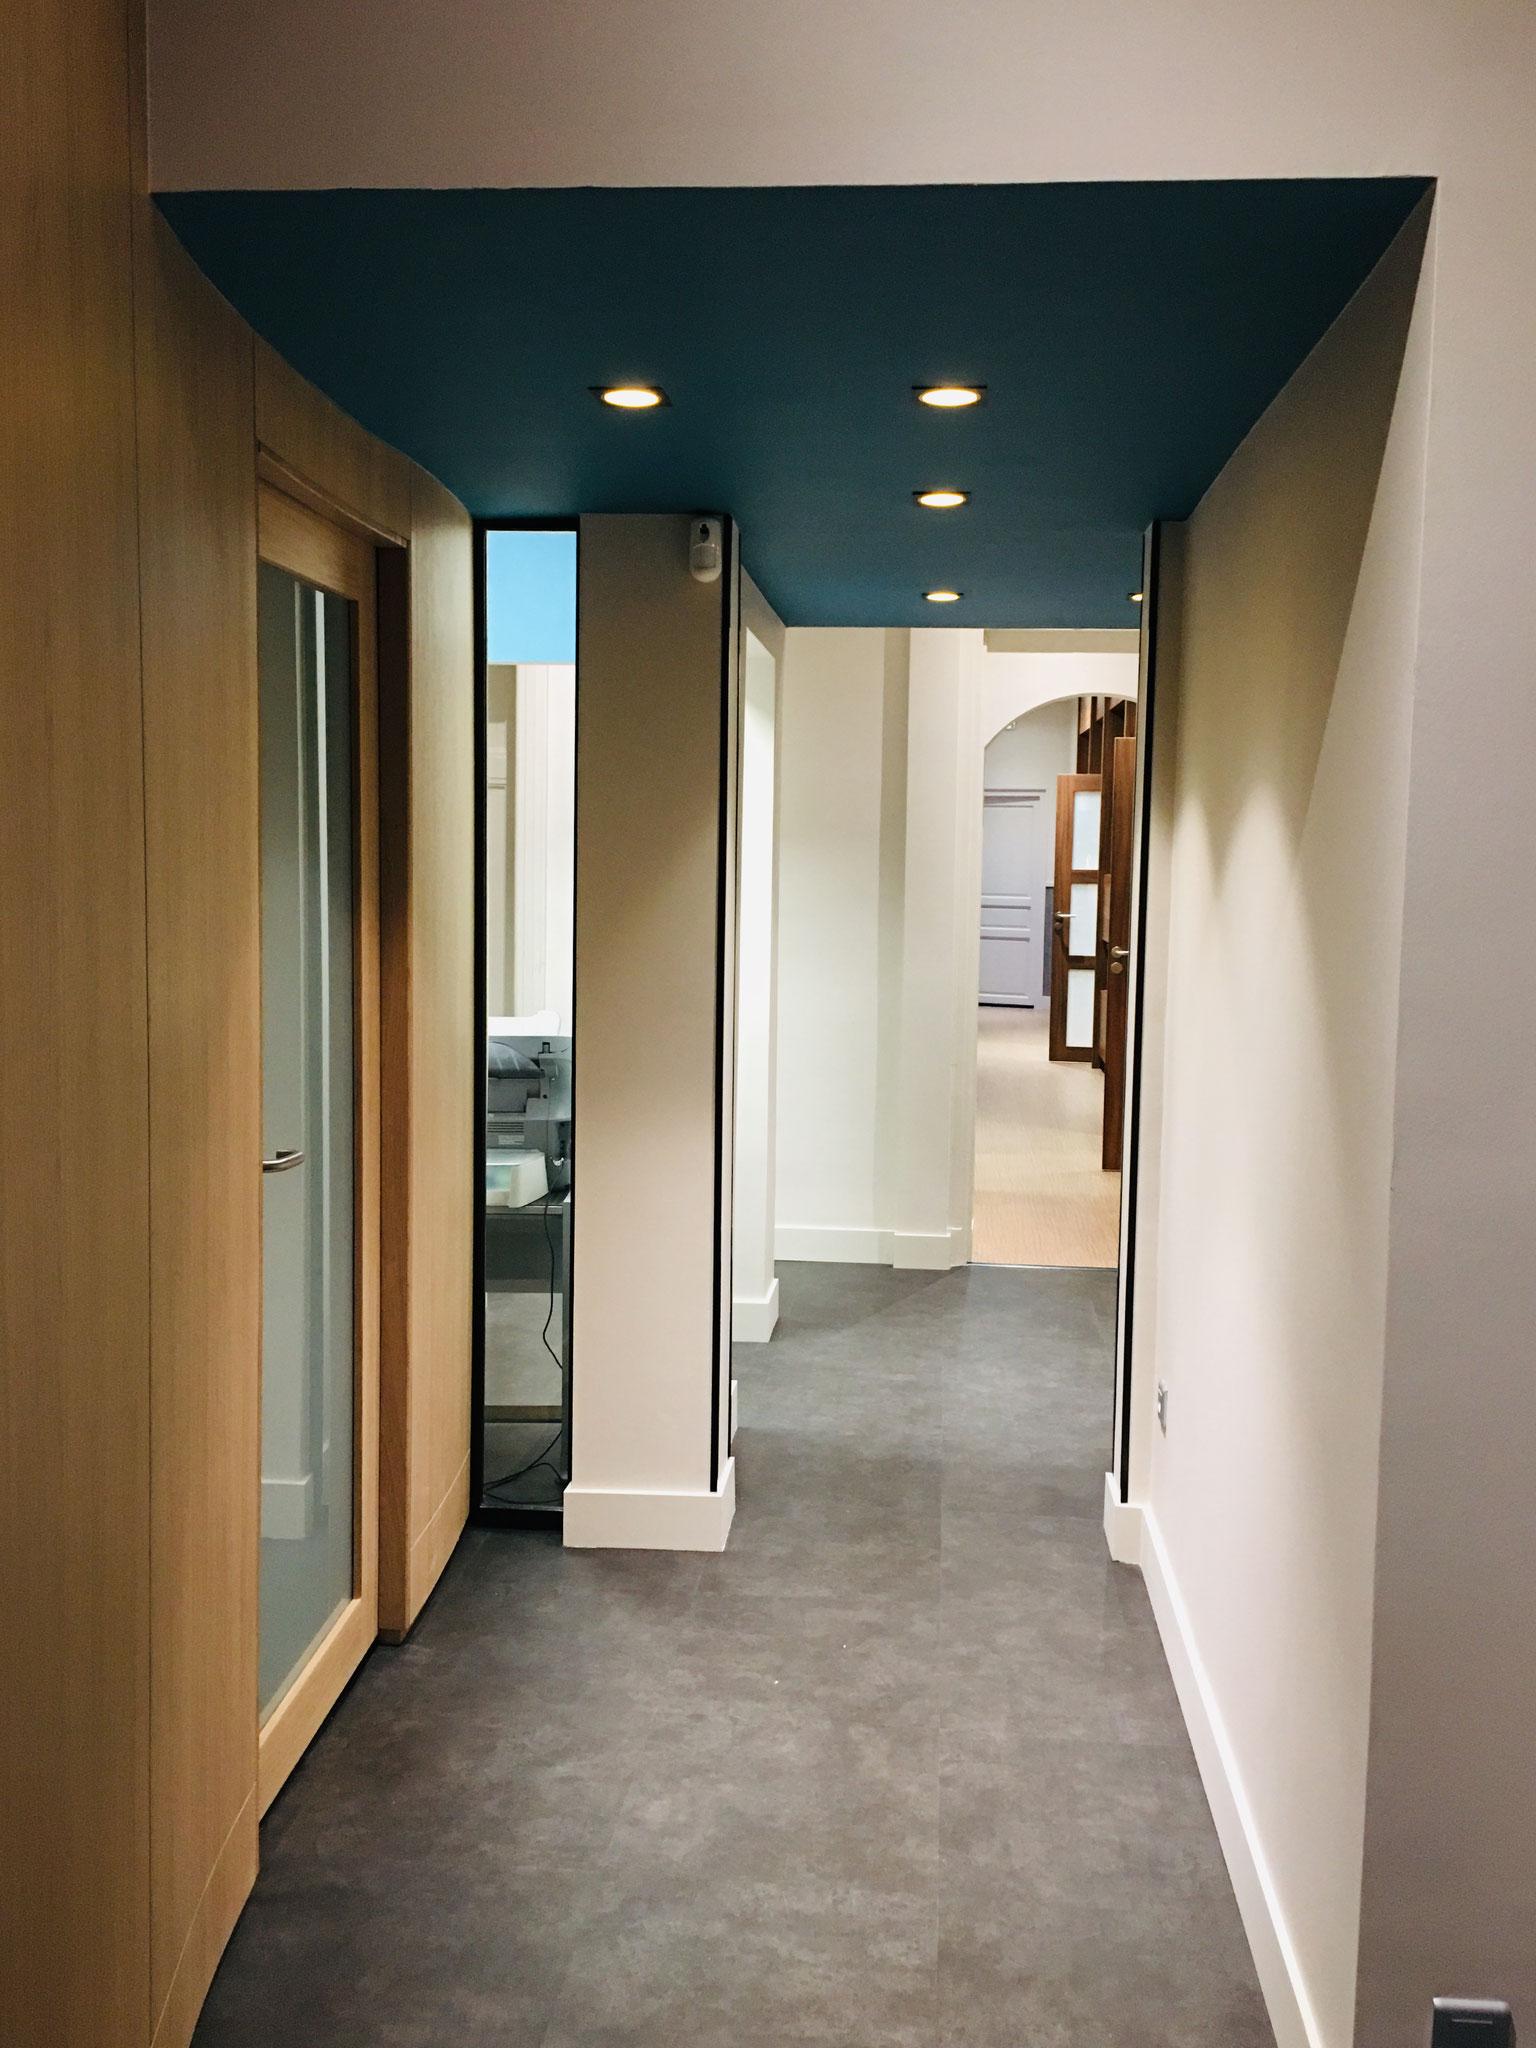 APRES Renovation Bureaux (maitrise d'oeuvre ACOR MOE Grenoble -Arch. Intérieur MLM intérieurs)